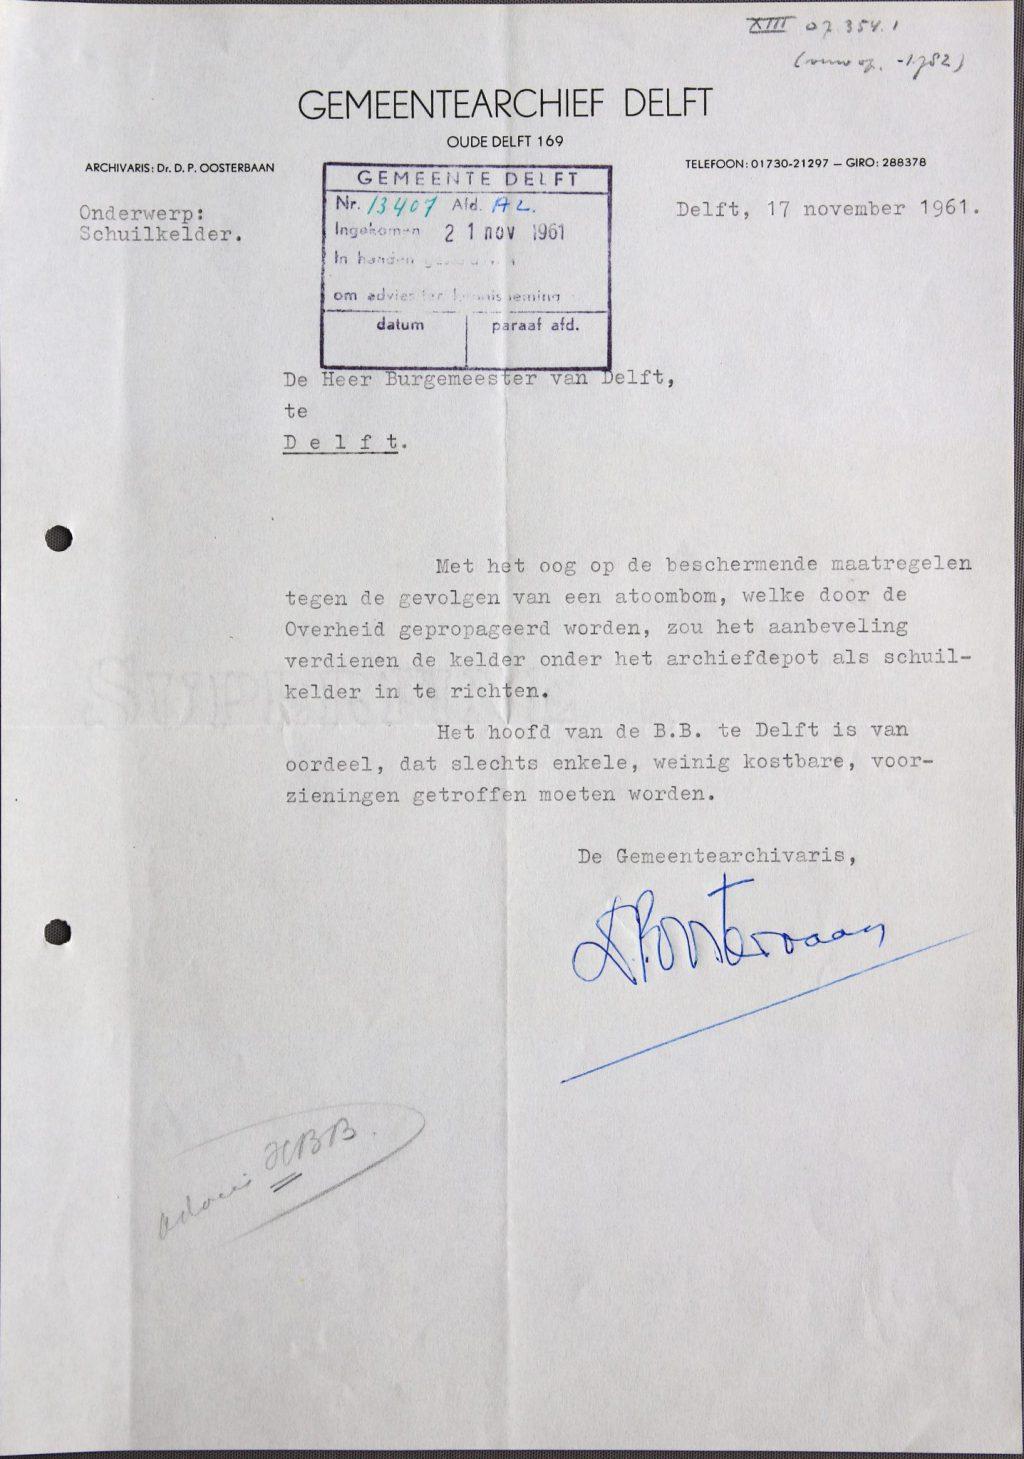 Brief van D.P. Oosterbaan aan B&W waarin hij het archief als schuilplaats aanbiedt, voor 23-11-1961 (Archief 653, inv.nr 3848)